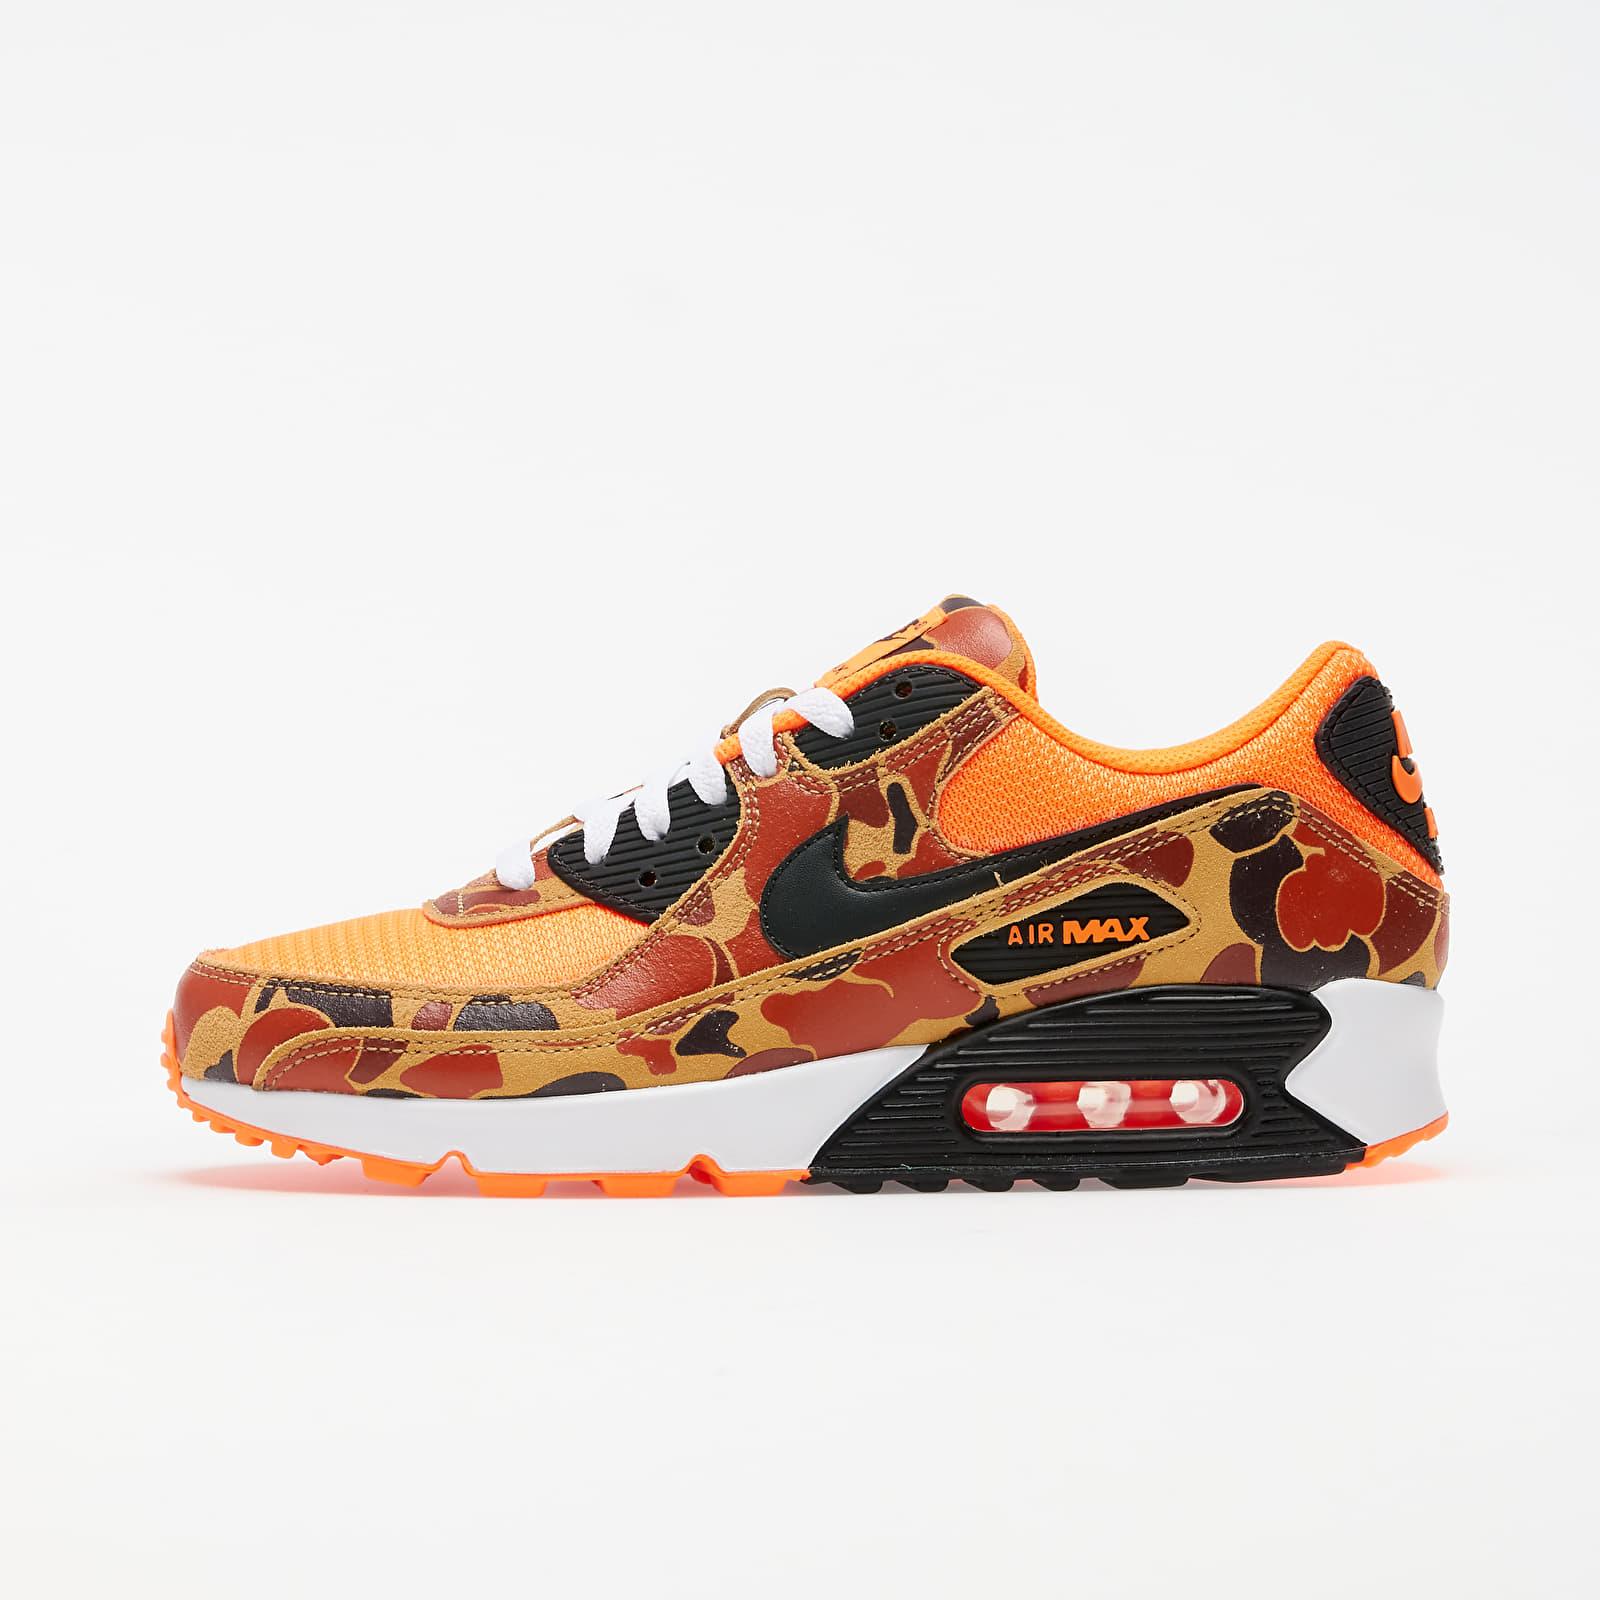 Nike Air Max 90 SP Total Orange/ Black | Footshop